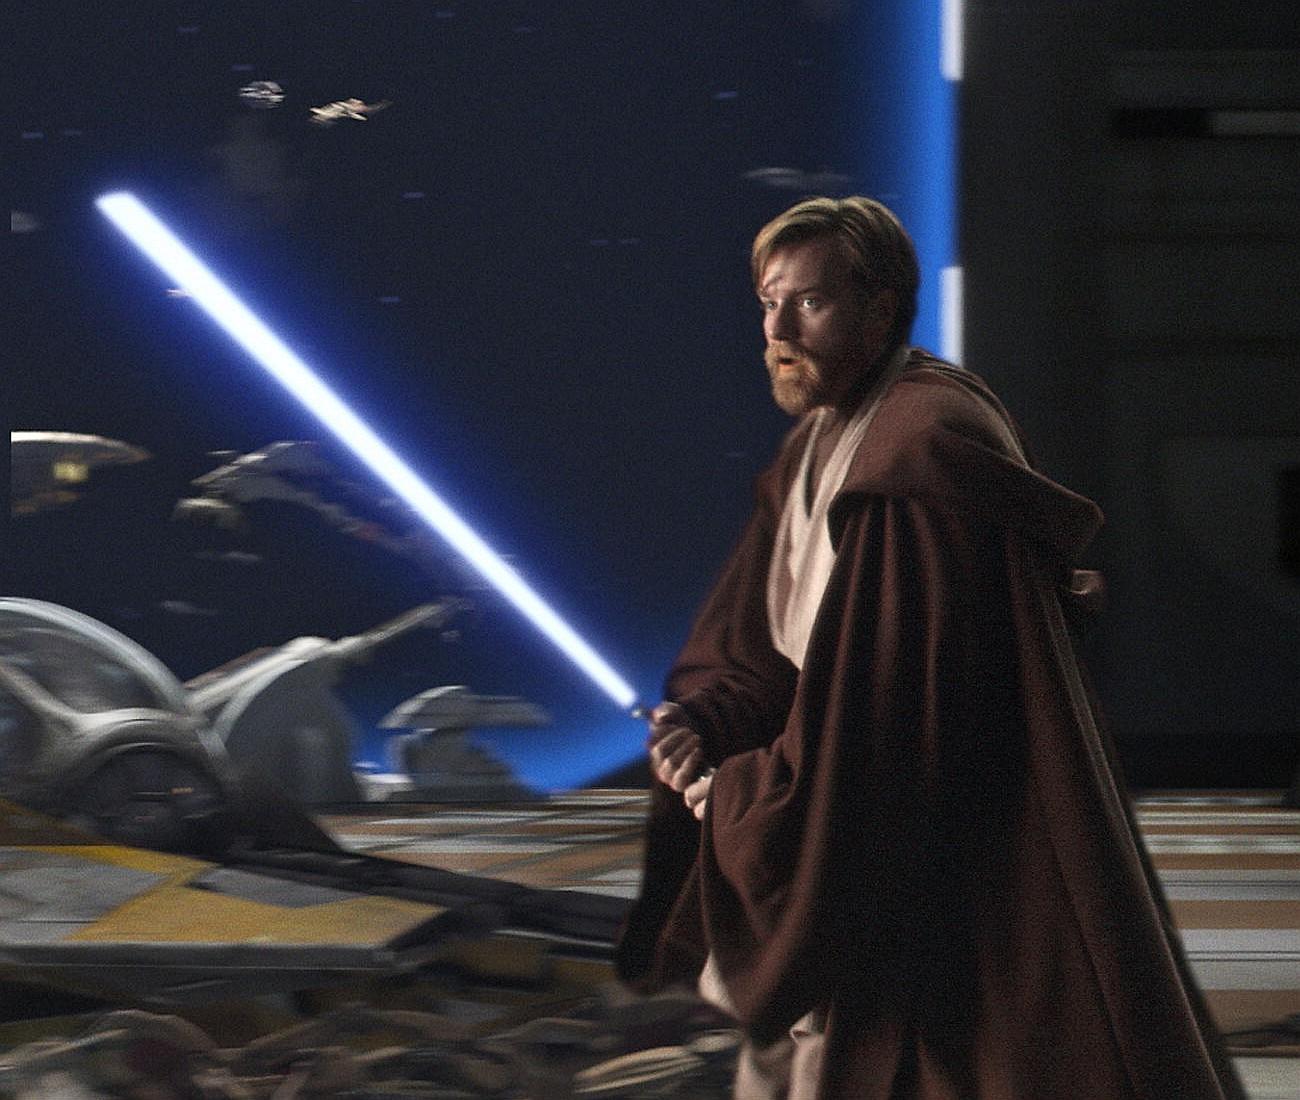 welke star wars figuur ben jij?